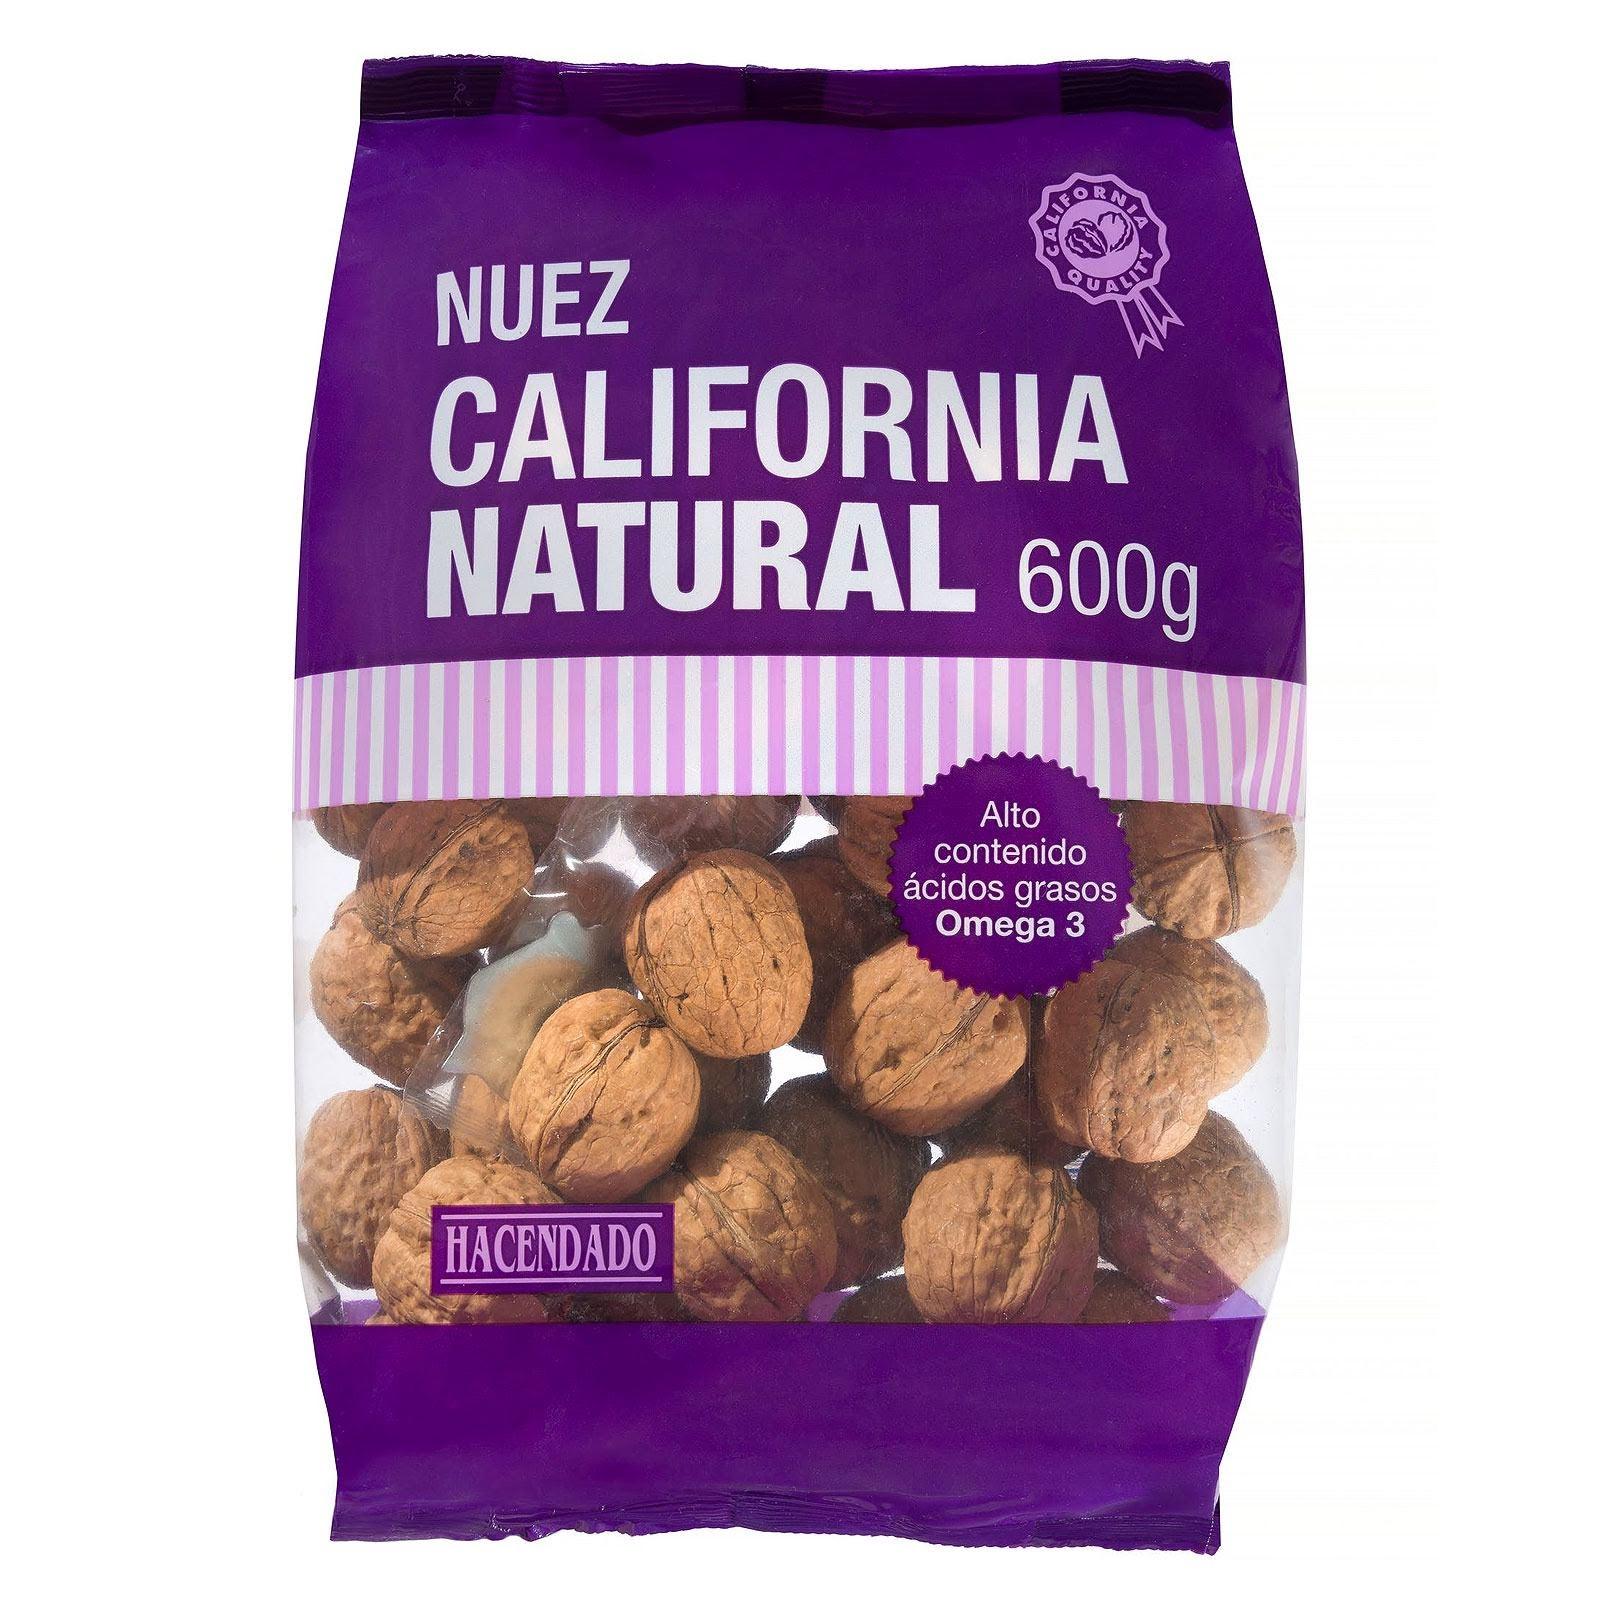 Nuez de California natural con cáscara Hacendado